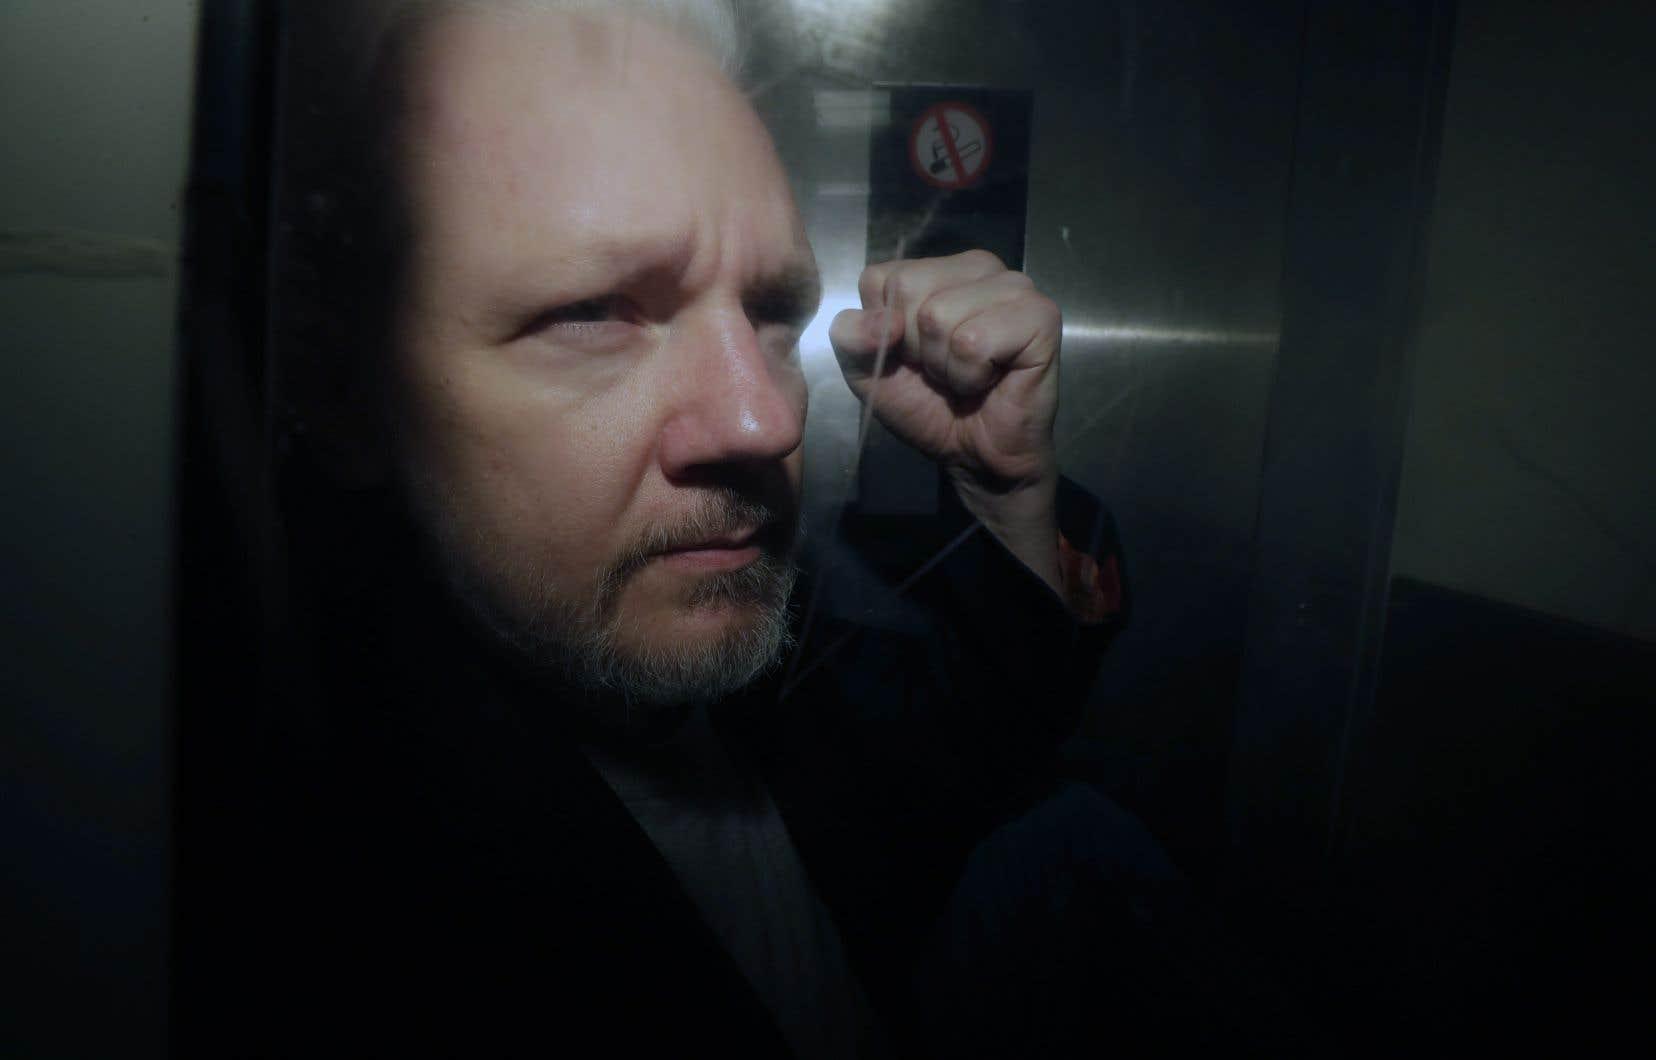 <p>Julian Assange fait face à 18 chefs d'accusation pour avoir prétendument sollicité et publié des informations classifiées et avoir comploté avec l'ancienne soldate Chelsea Manning, pour déchiffrer un mot de passe du ministère de la Défense.</p>